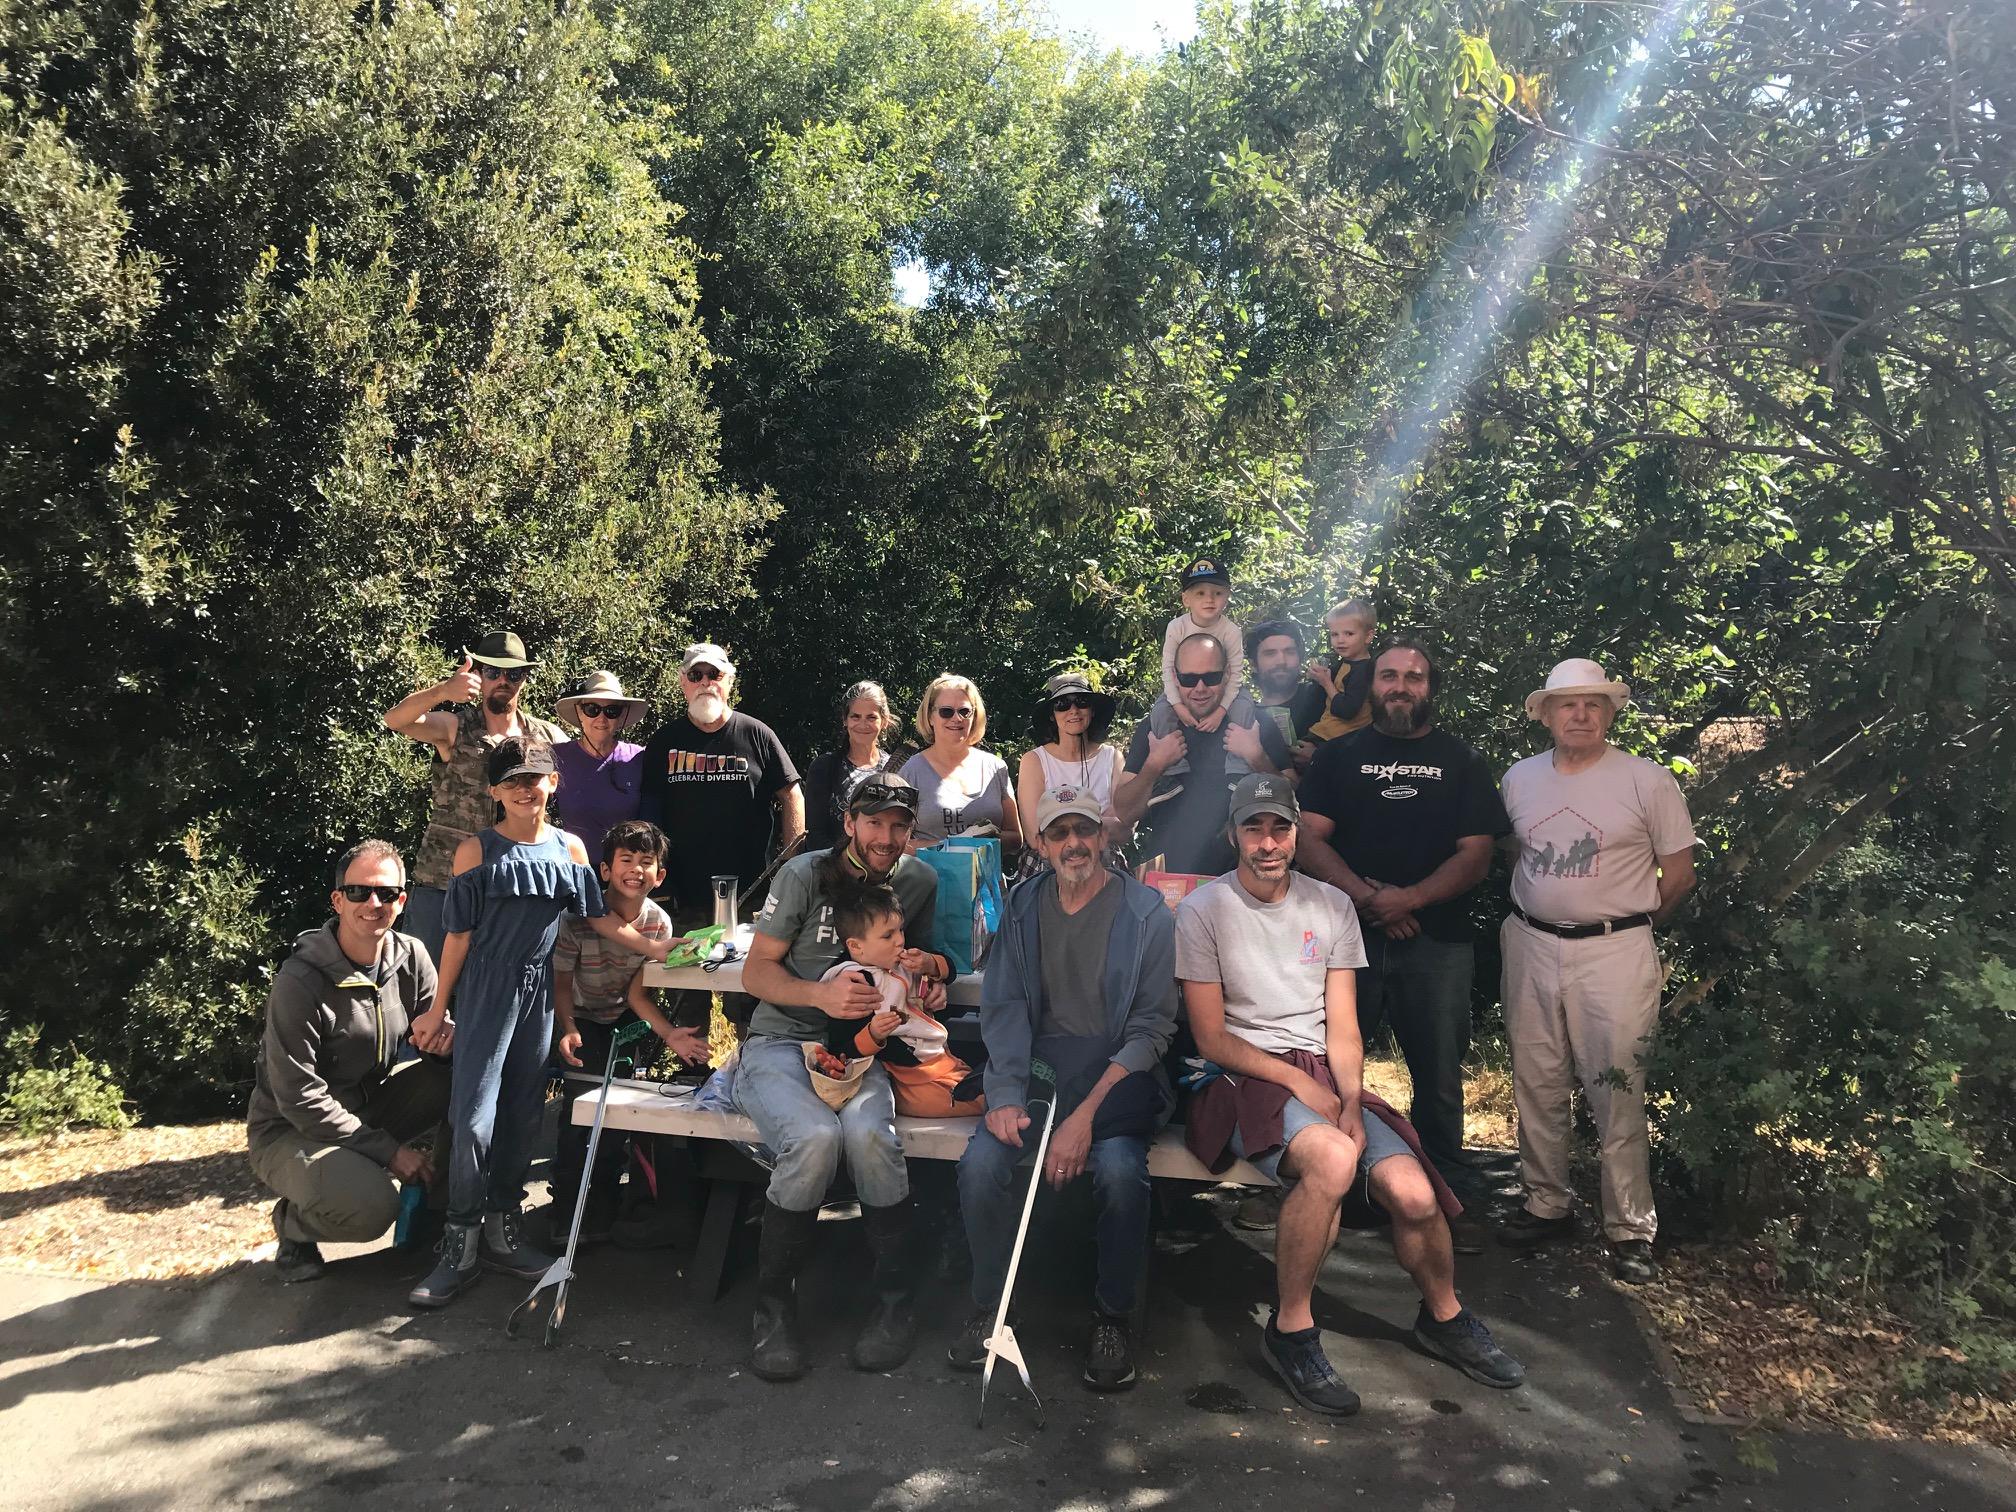 RETU led a volunteer cleanup team on Adobe Creek. Together we hauled out several large bags of trash.